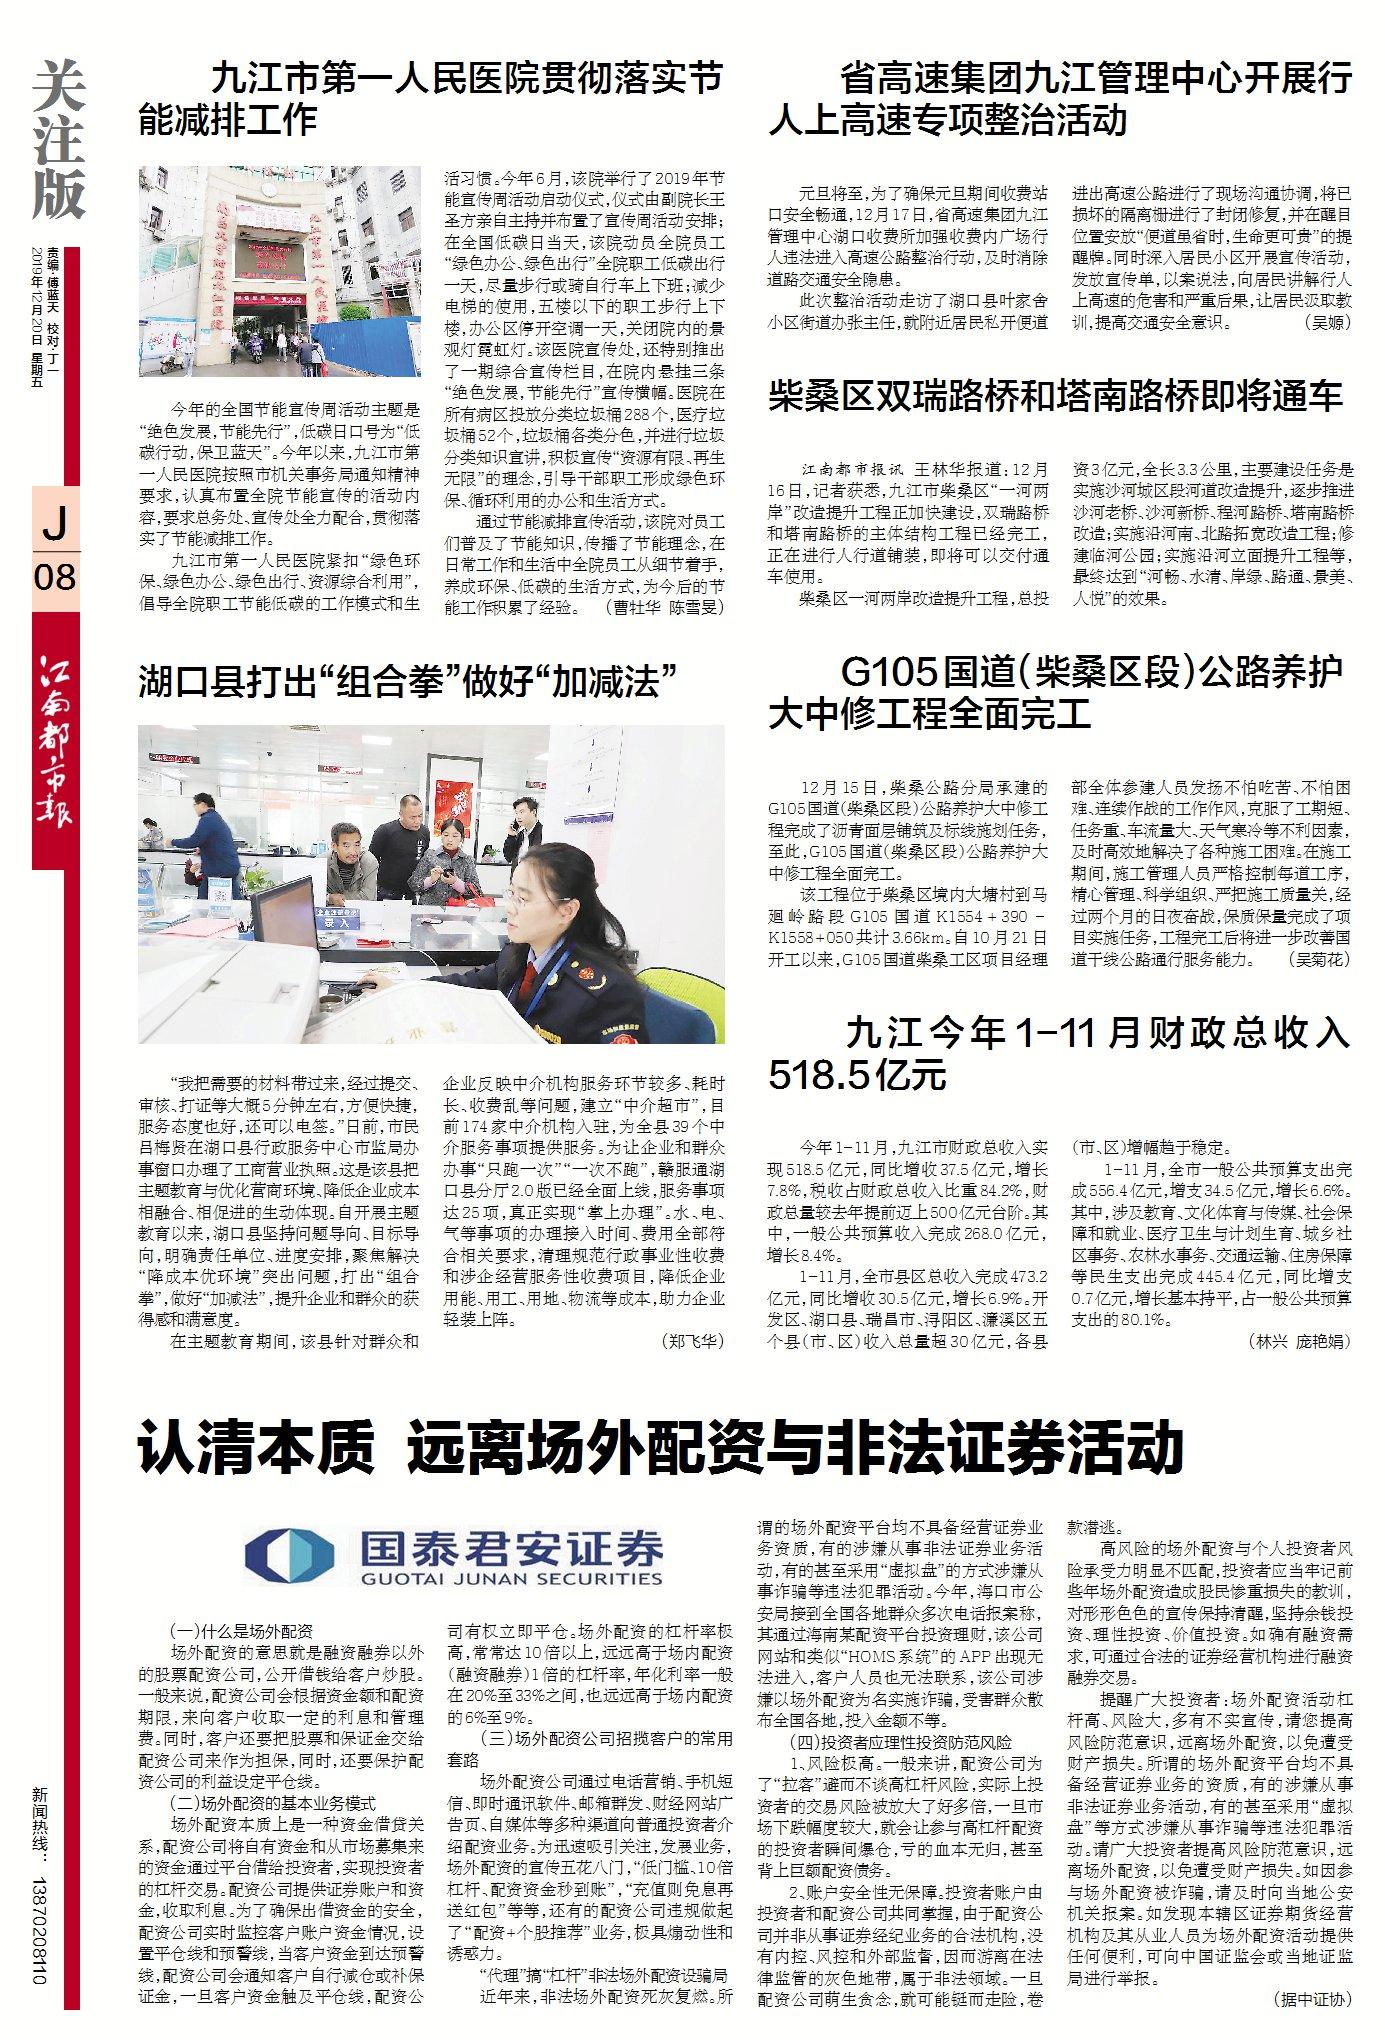 2019年12月20日江南都市报《亚博体育app苹果新闻》8版